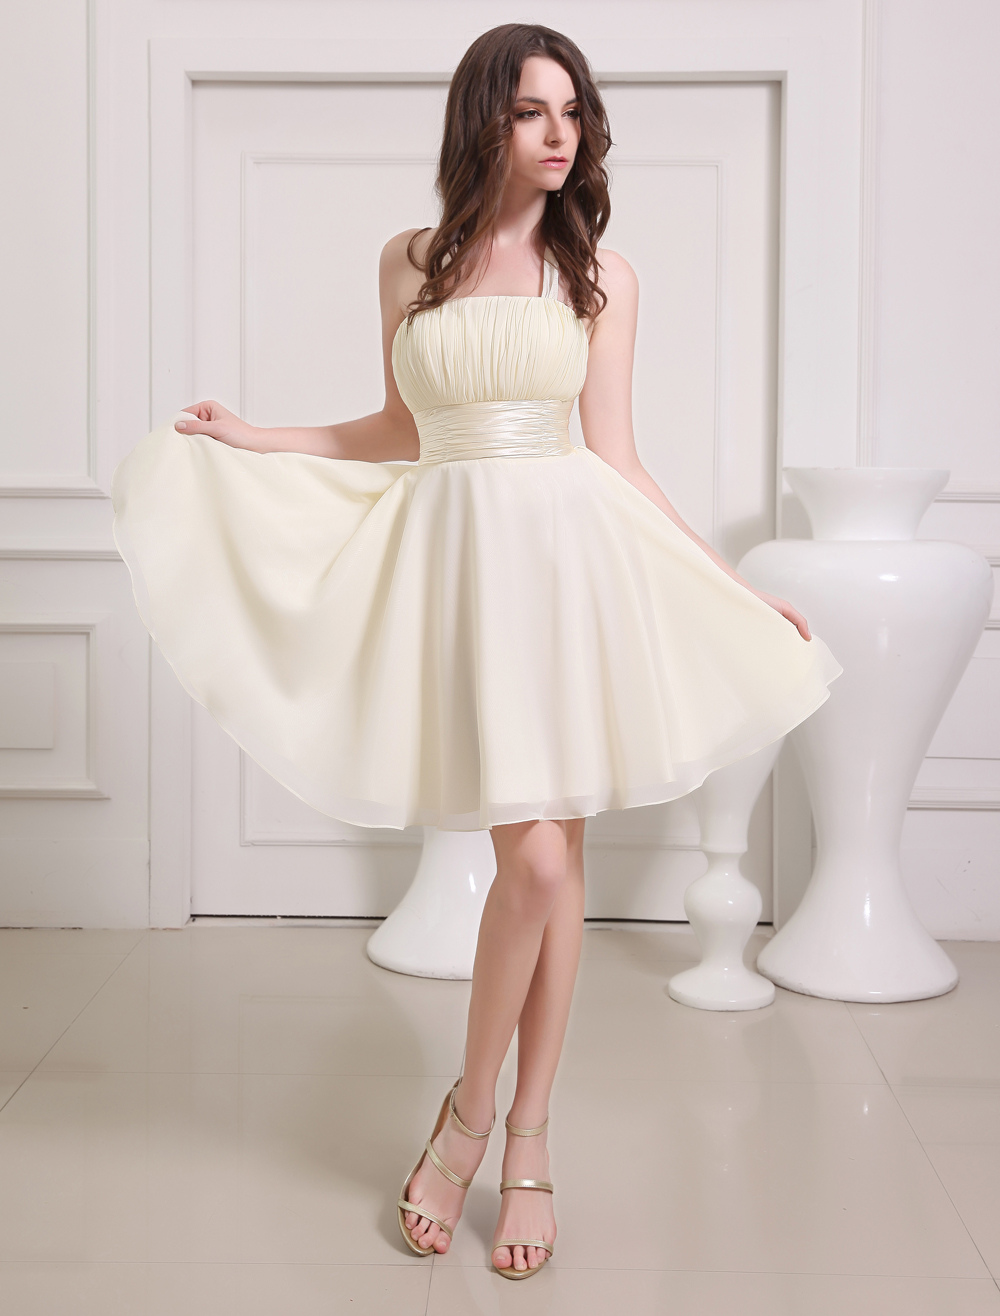 Gold Champagne Prom Dress Straps Sash Lace Up Bow Chiffon Dress